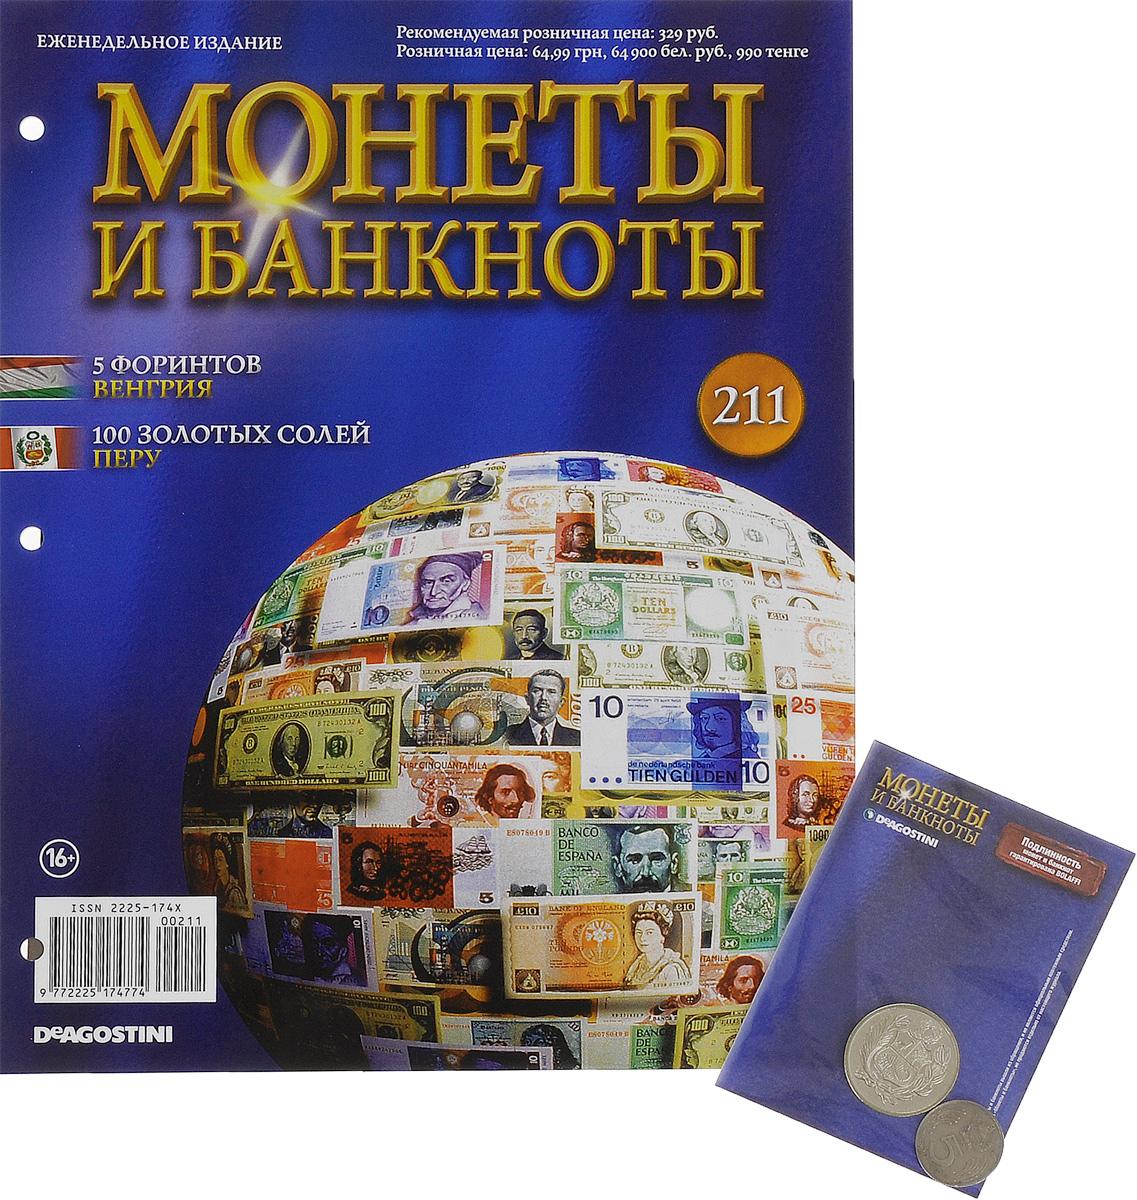 Журнал Монеты и банкноты №211 монеты в сургуте я продаю